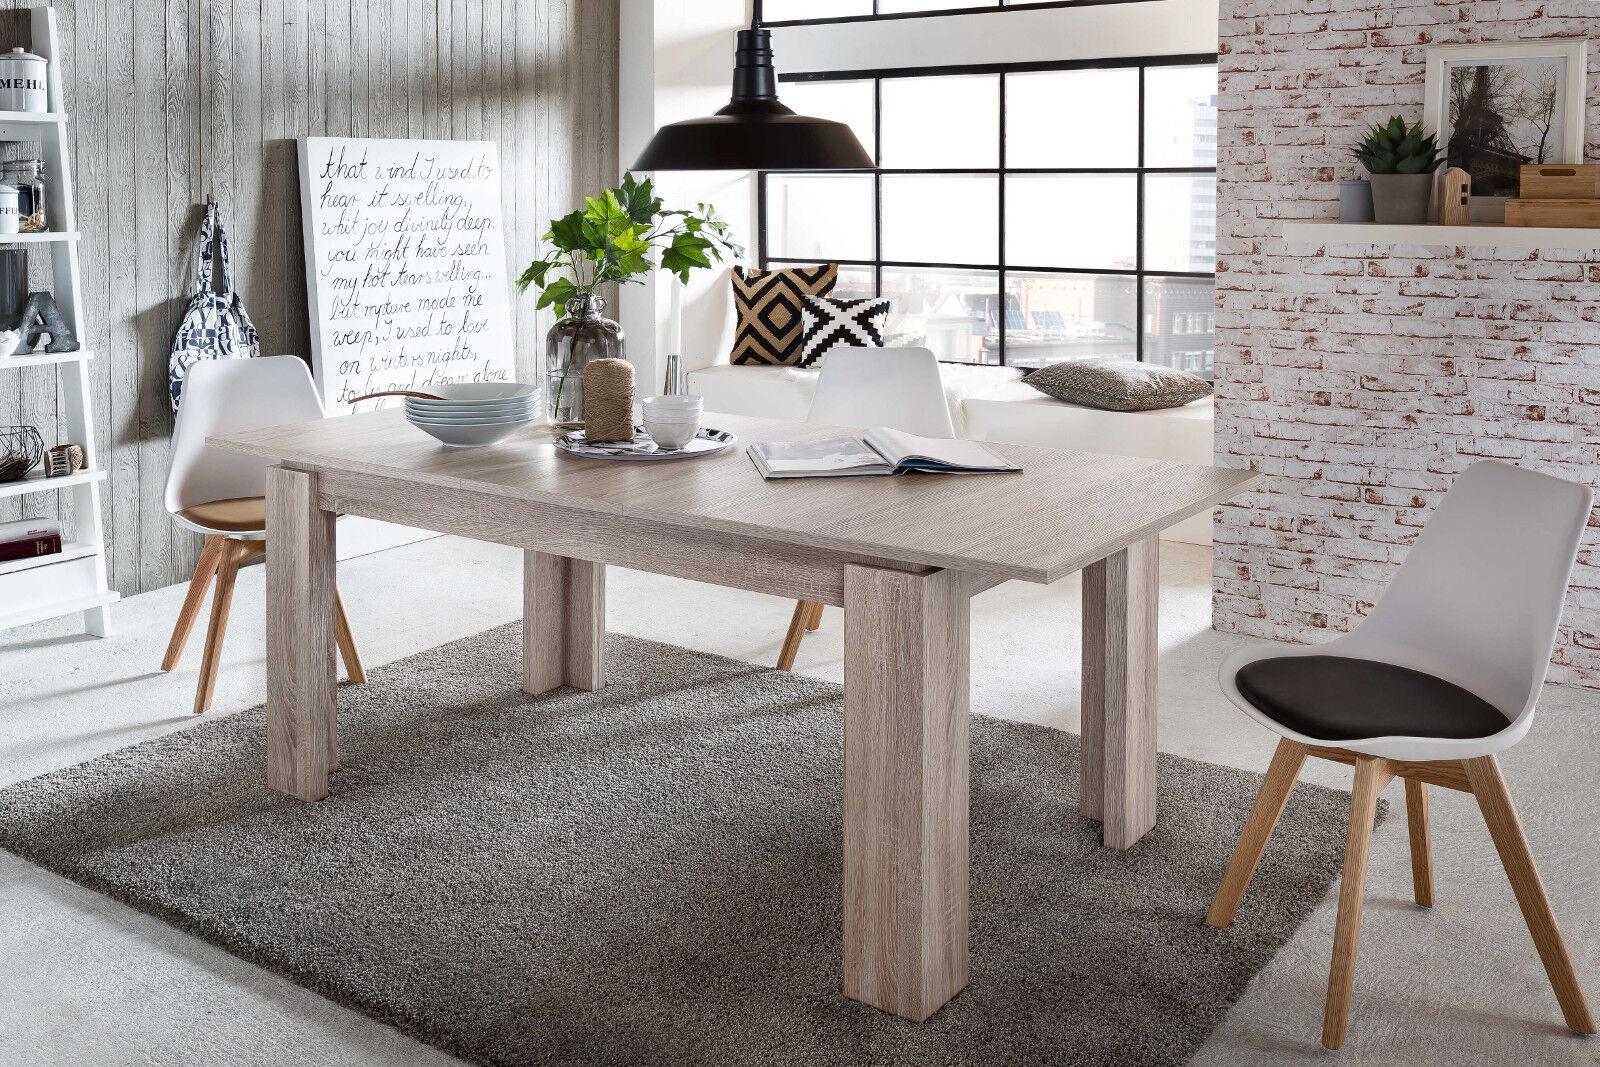 Esszimmertisch holztisch ausziehbar sonoma eiche 160 200 for Holztisch ausziehbar